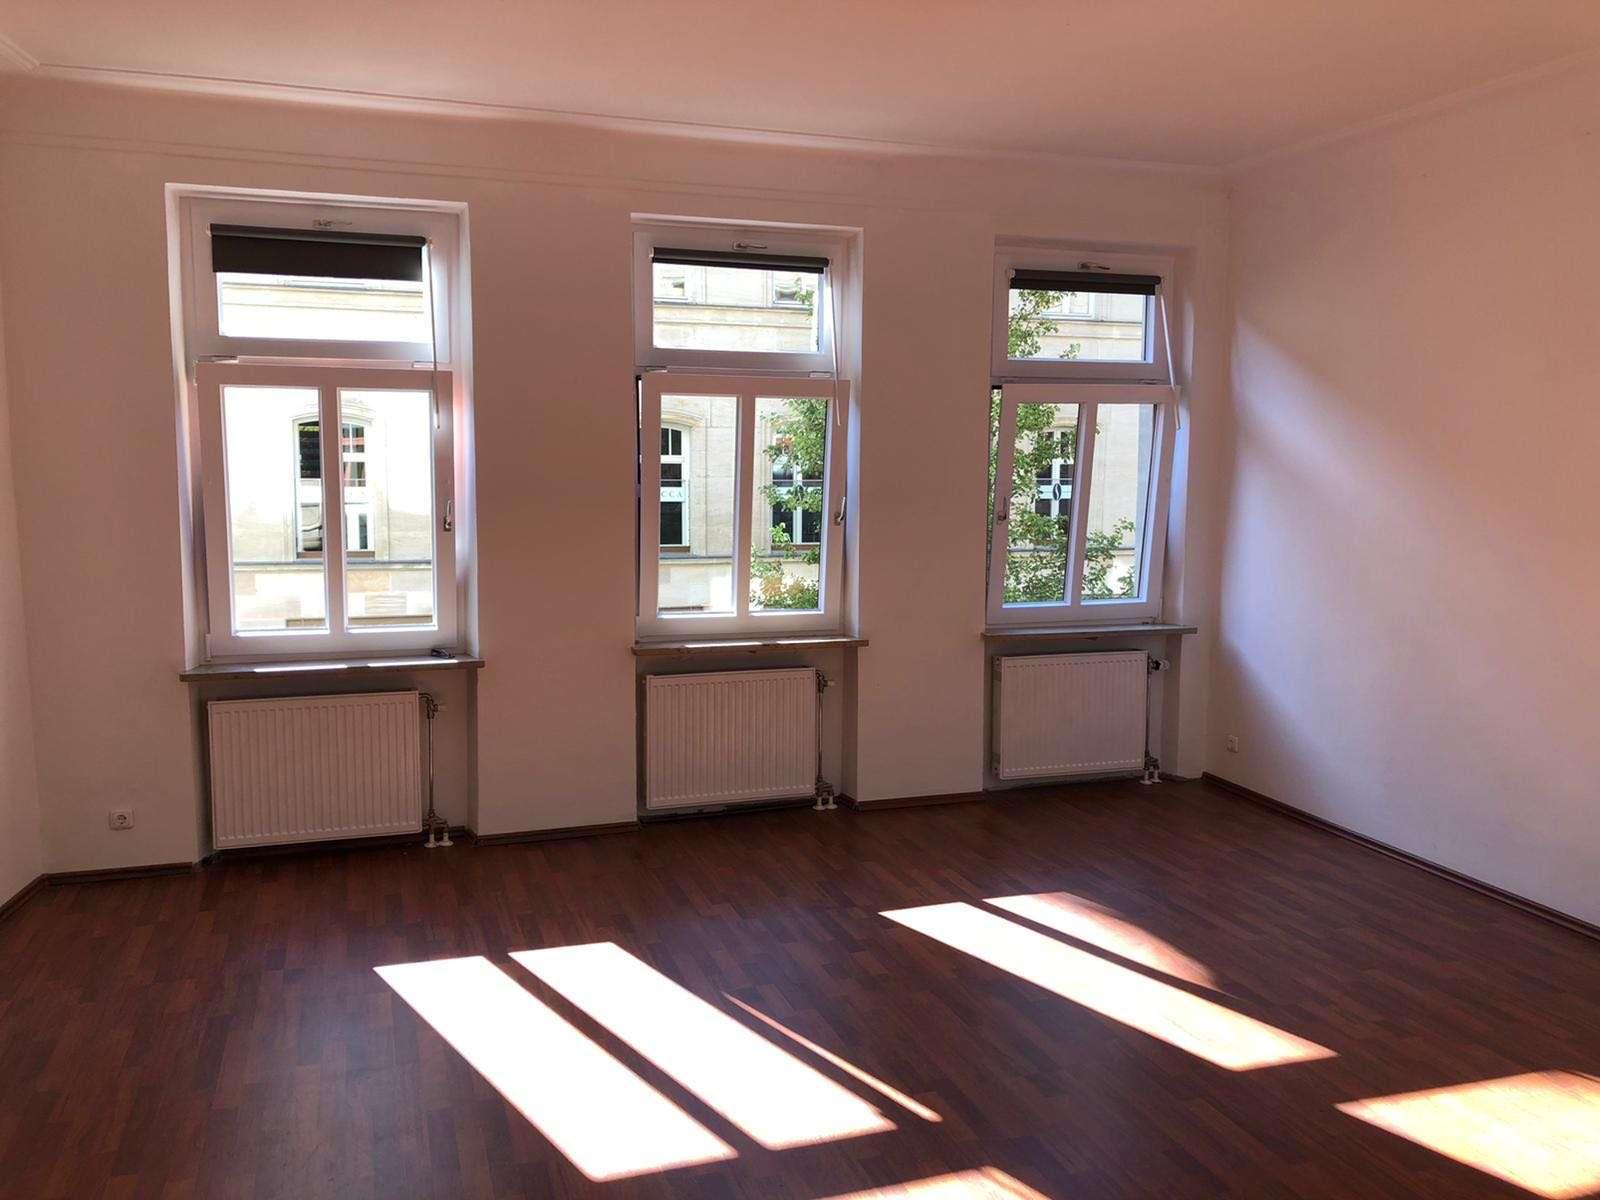 Freundliche 3-Zimmer-Wohnung mit Balkon im Herzen von Fürth in Altstadt, Innenstadt (Fürth)